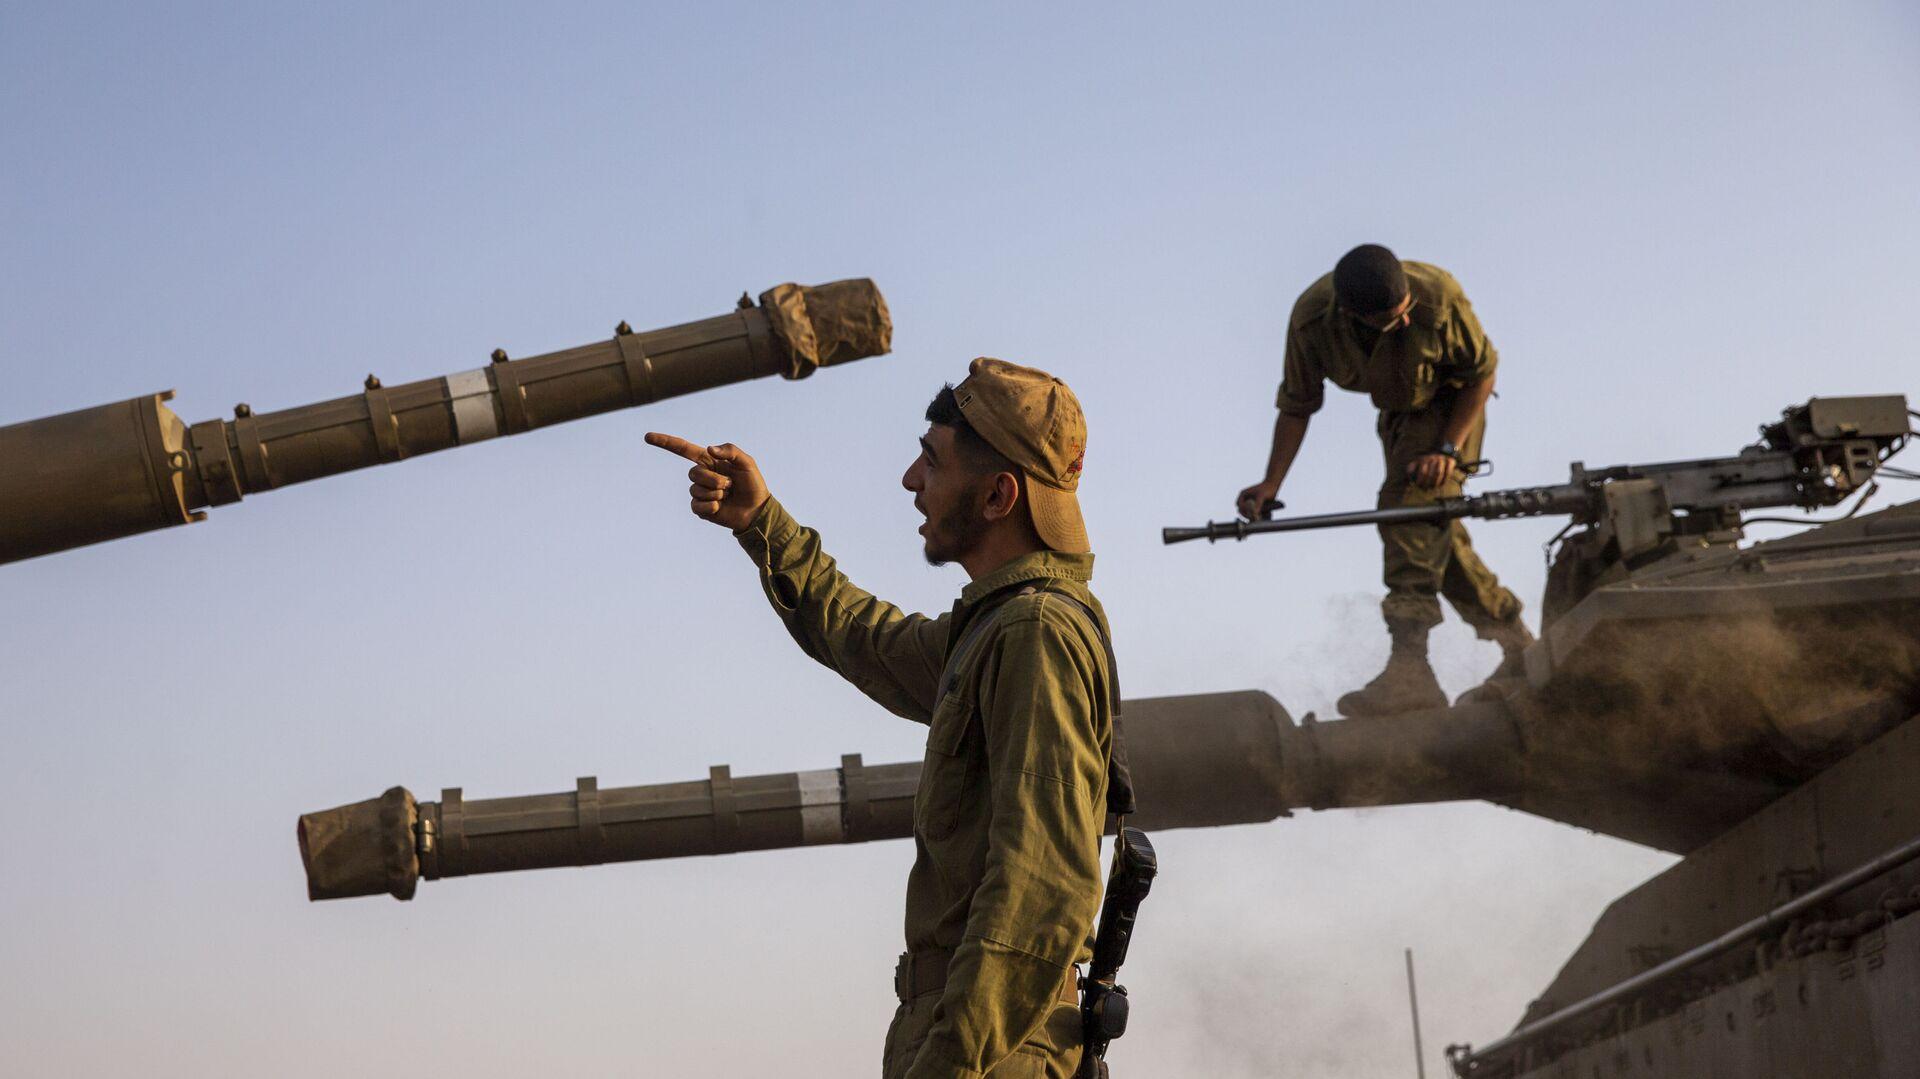 Израильские солдаты на контролируемых Израилем Голанских высотах - Sputnik Mundo, 1920, 11.03.2021